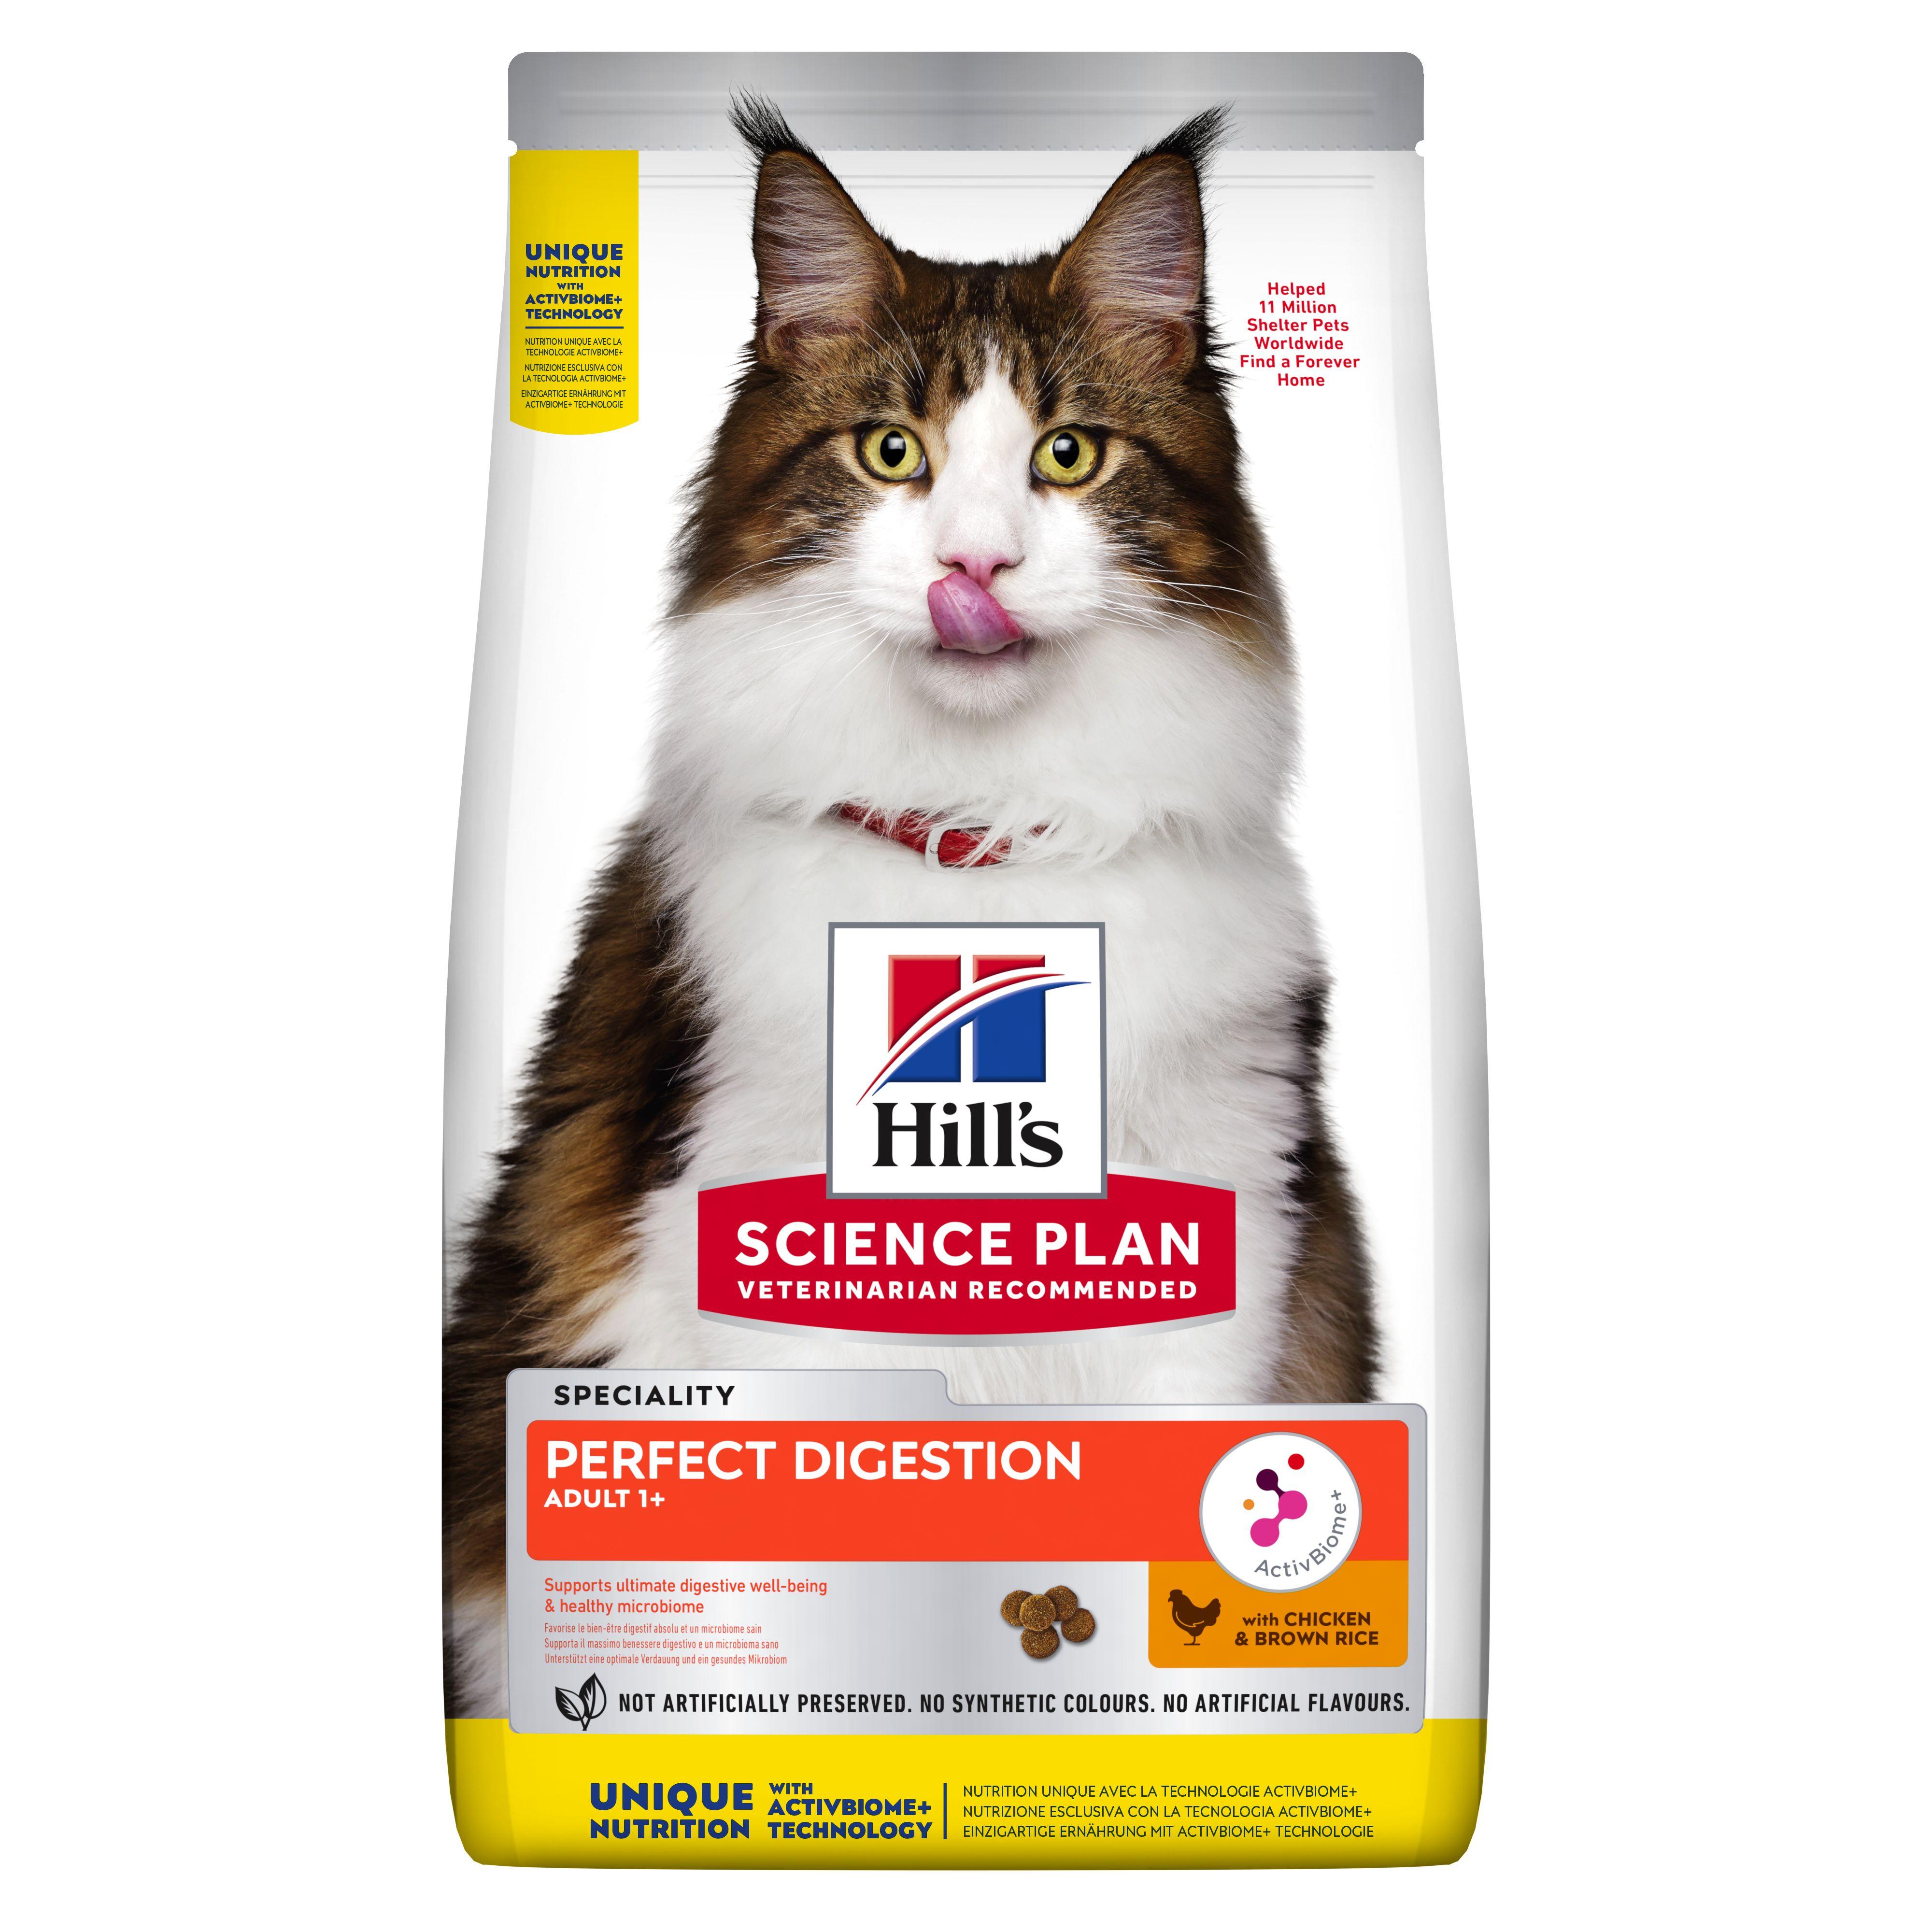 Сухой корм Hill's  для кошек для поддержания здоровья пищеварения и питания микробиома, с курицей и коричневым рисом, 7кг